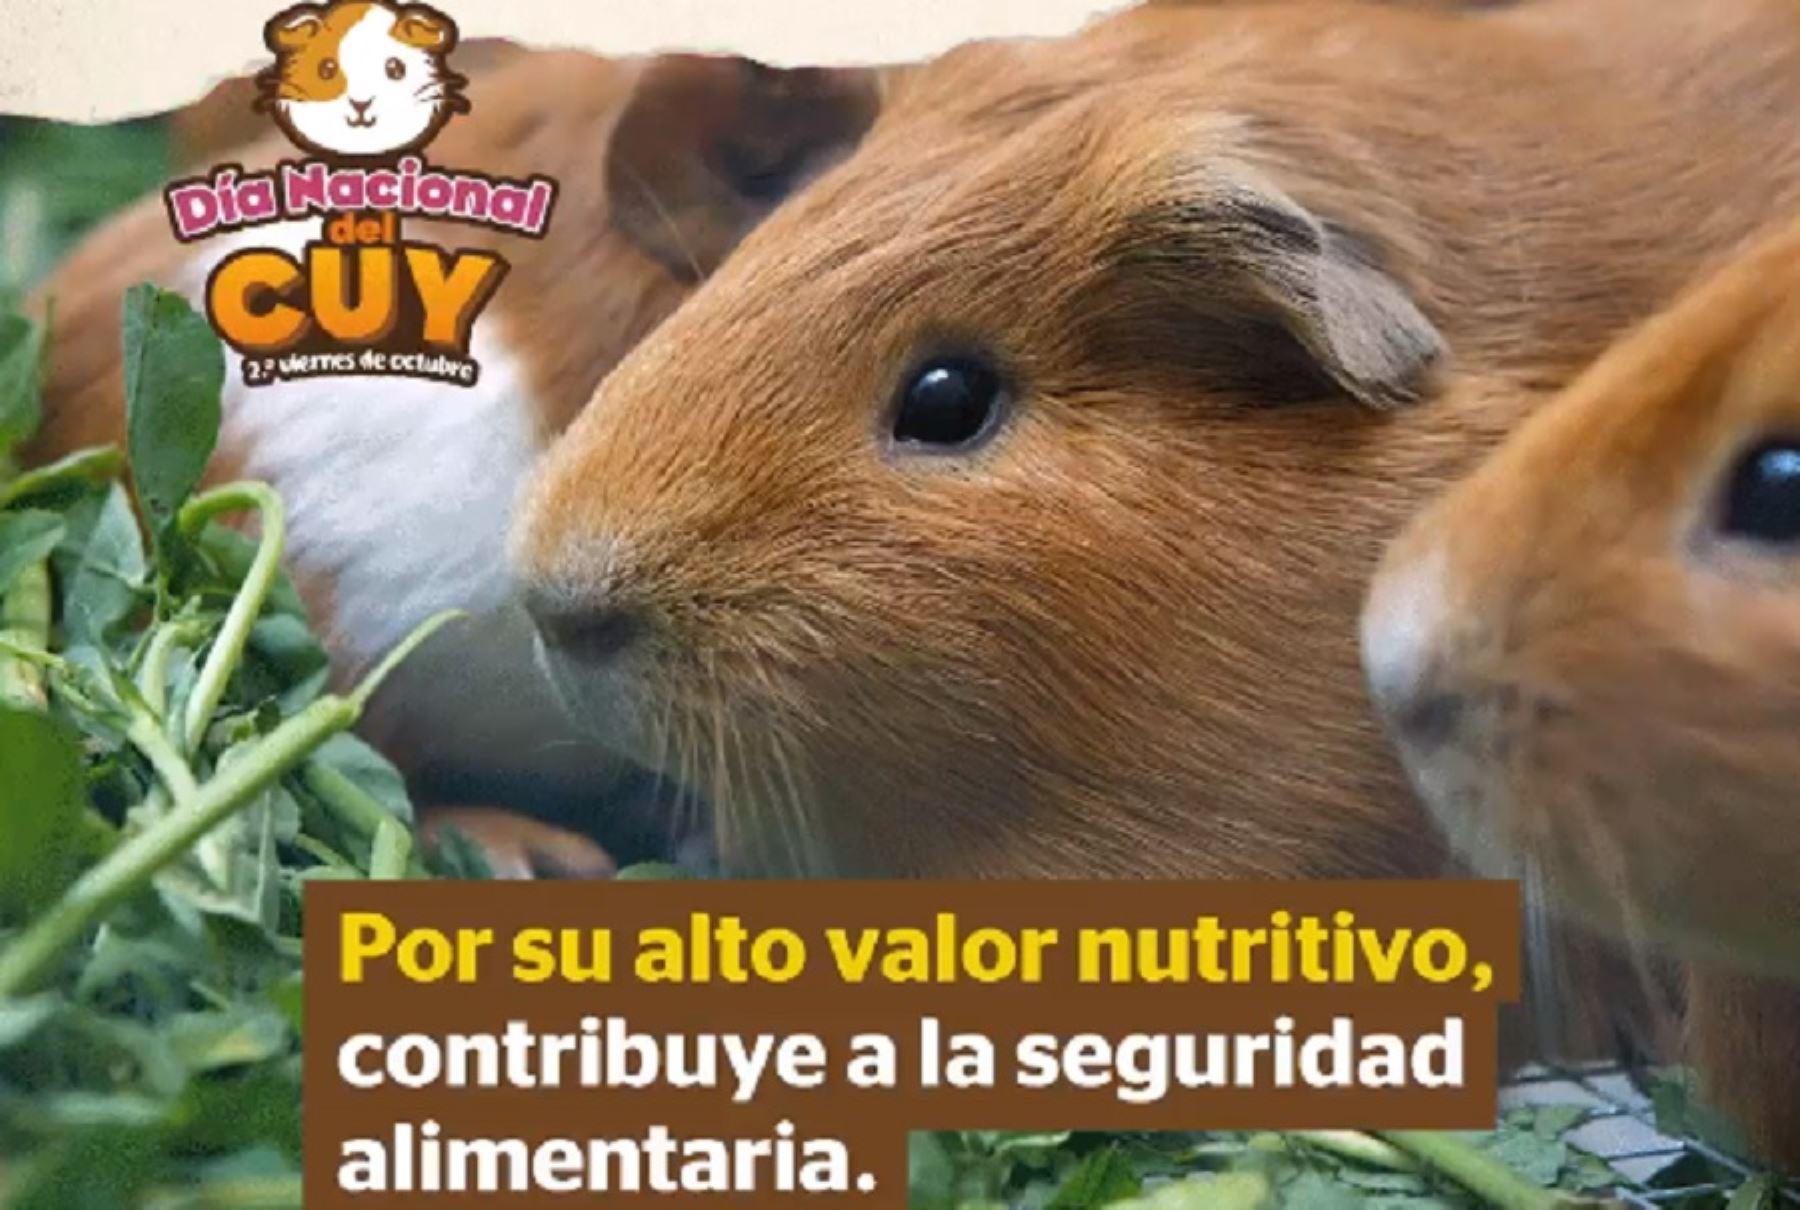 Día Nacional del Cuy: superalimento seduce más paladares por su sabrosa y nutritiva carne